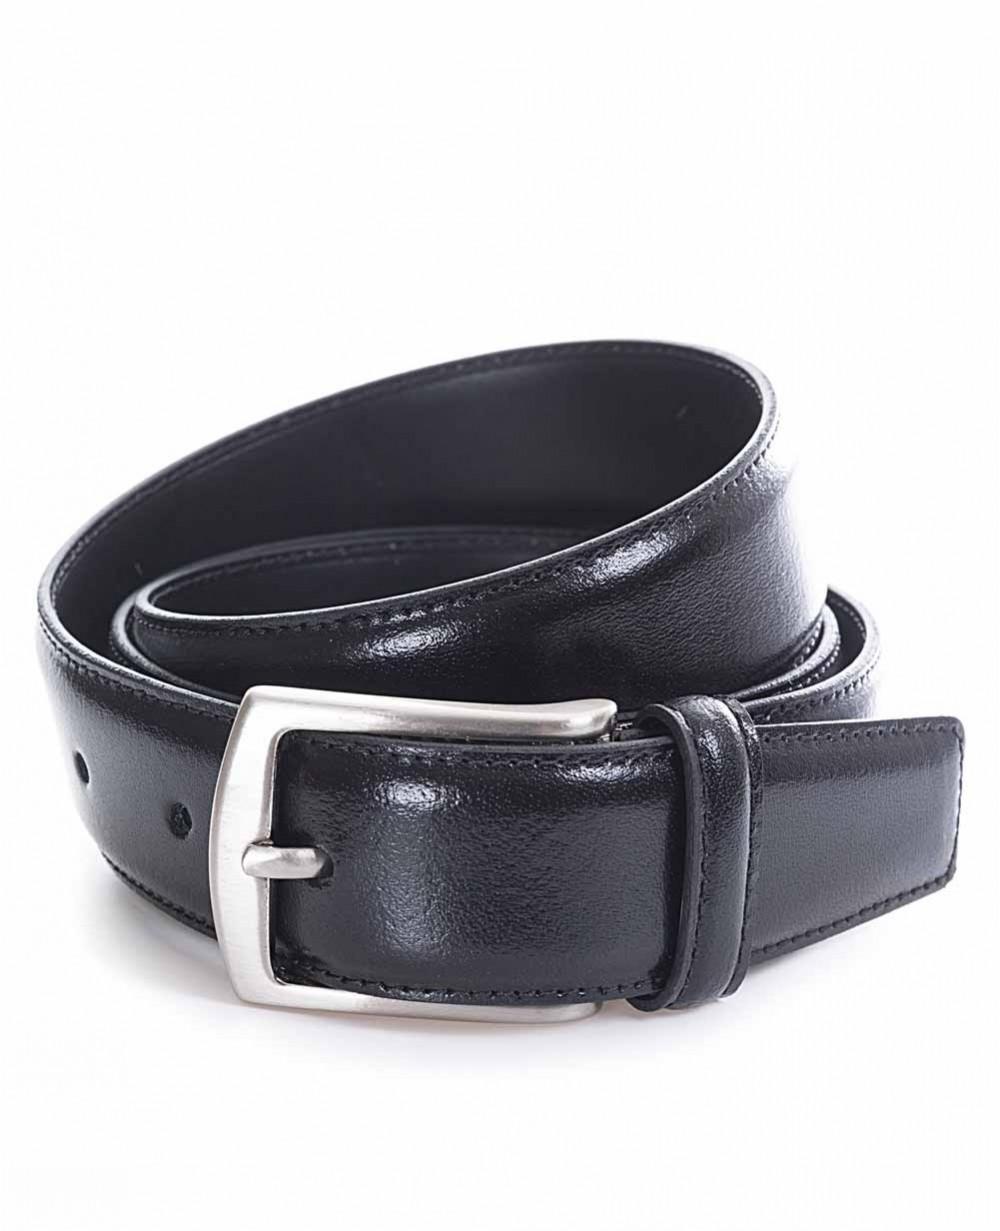 Miguel Bellido Cinturón clásico Piel Negro 105 (Foto )